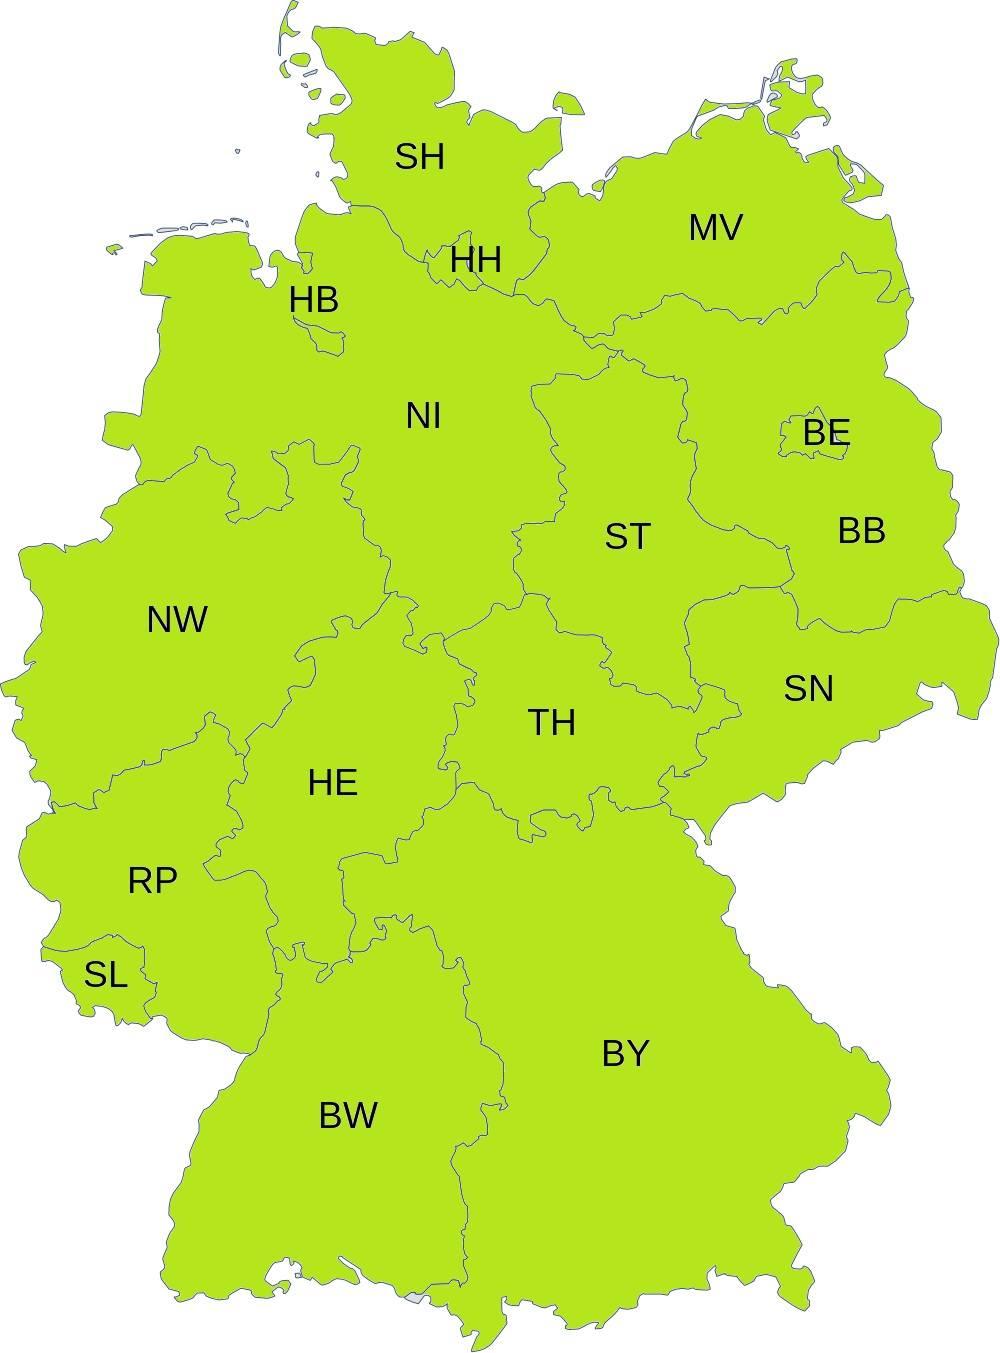 Um in allen 16 Bundesländern auf dem Stimmzettel stehen zu können, werden noch Unterstützungsunterschriften benötigt.